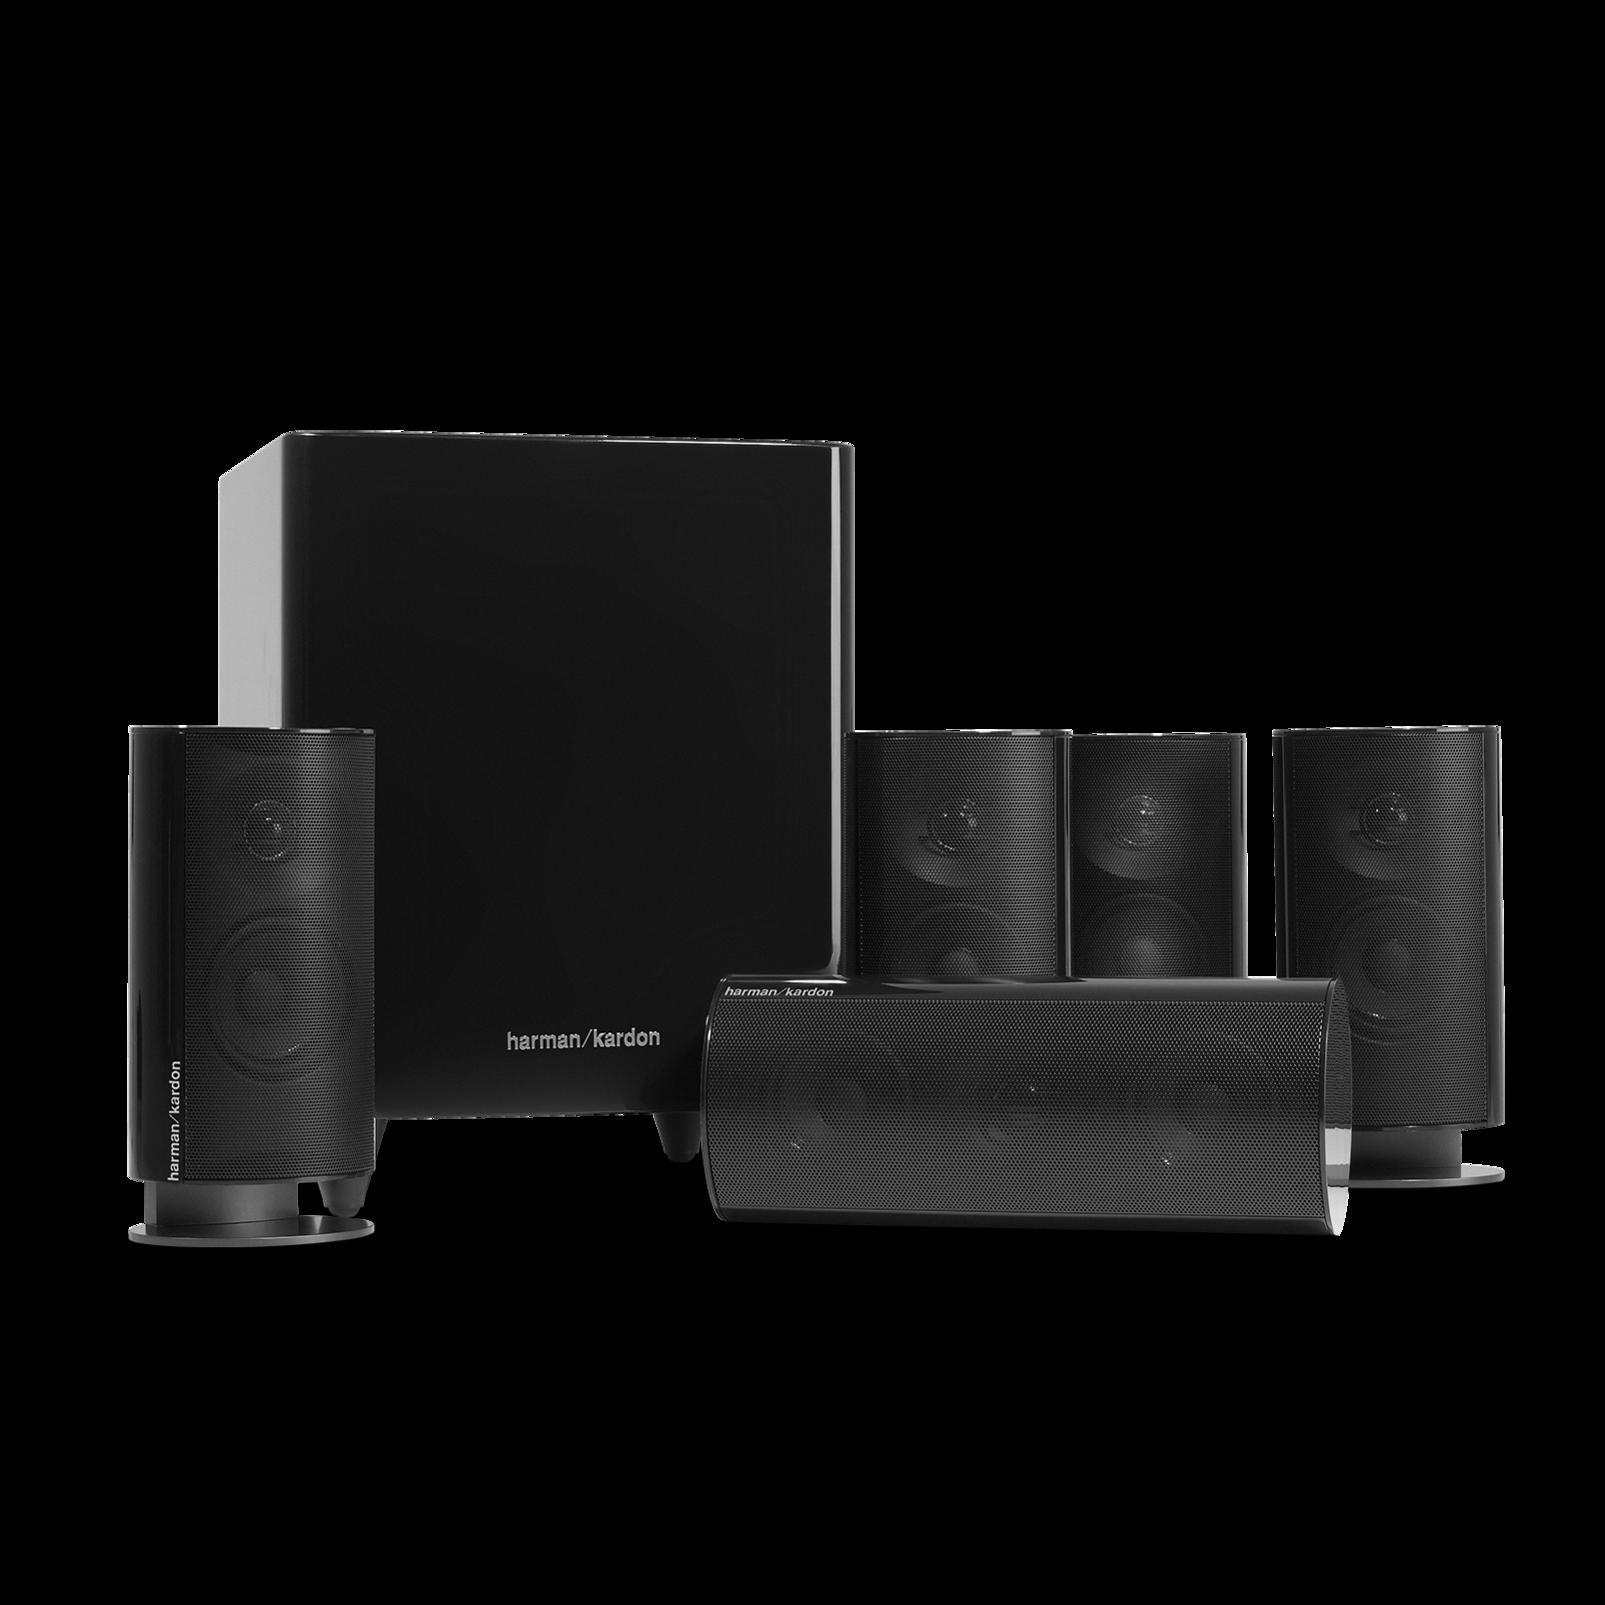 harman kardon hkts 20 5 1 channel home theater sound. Black Bedroom Furniture Sets. Home Design Ideas